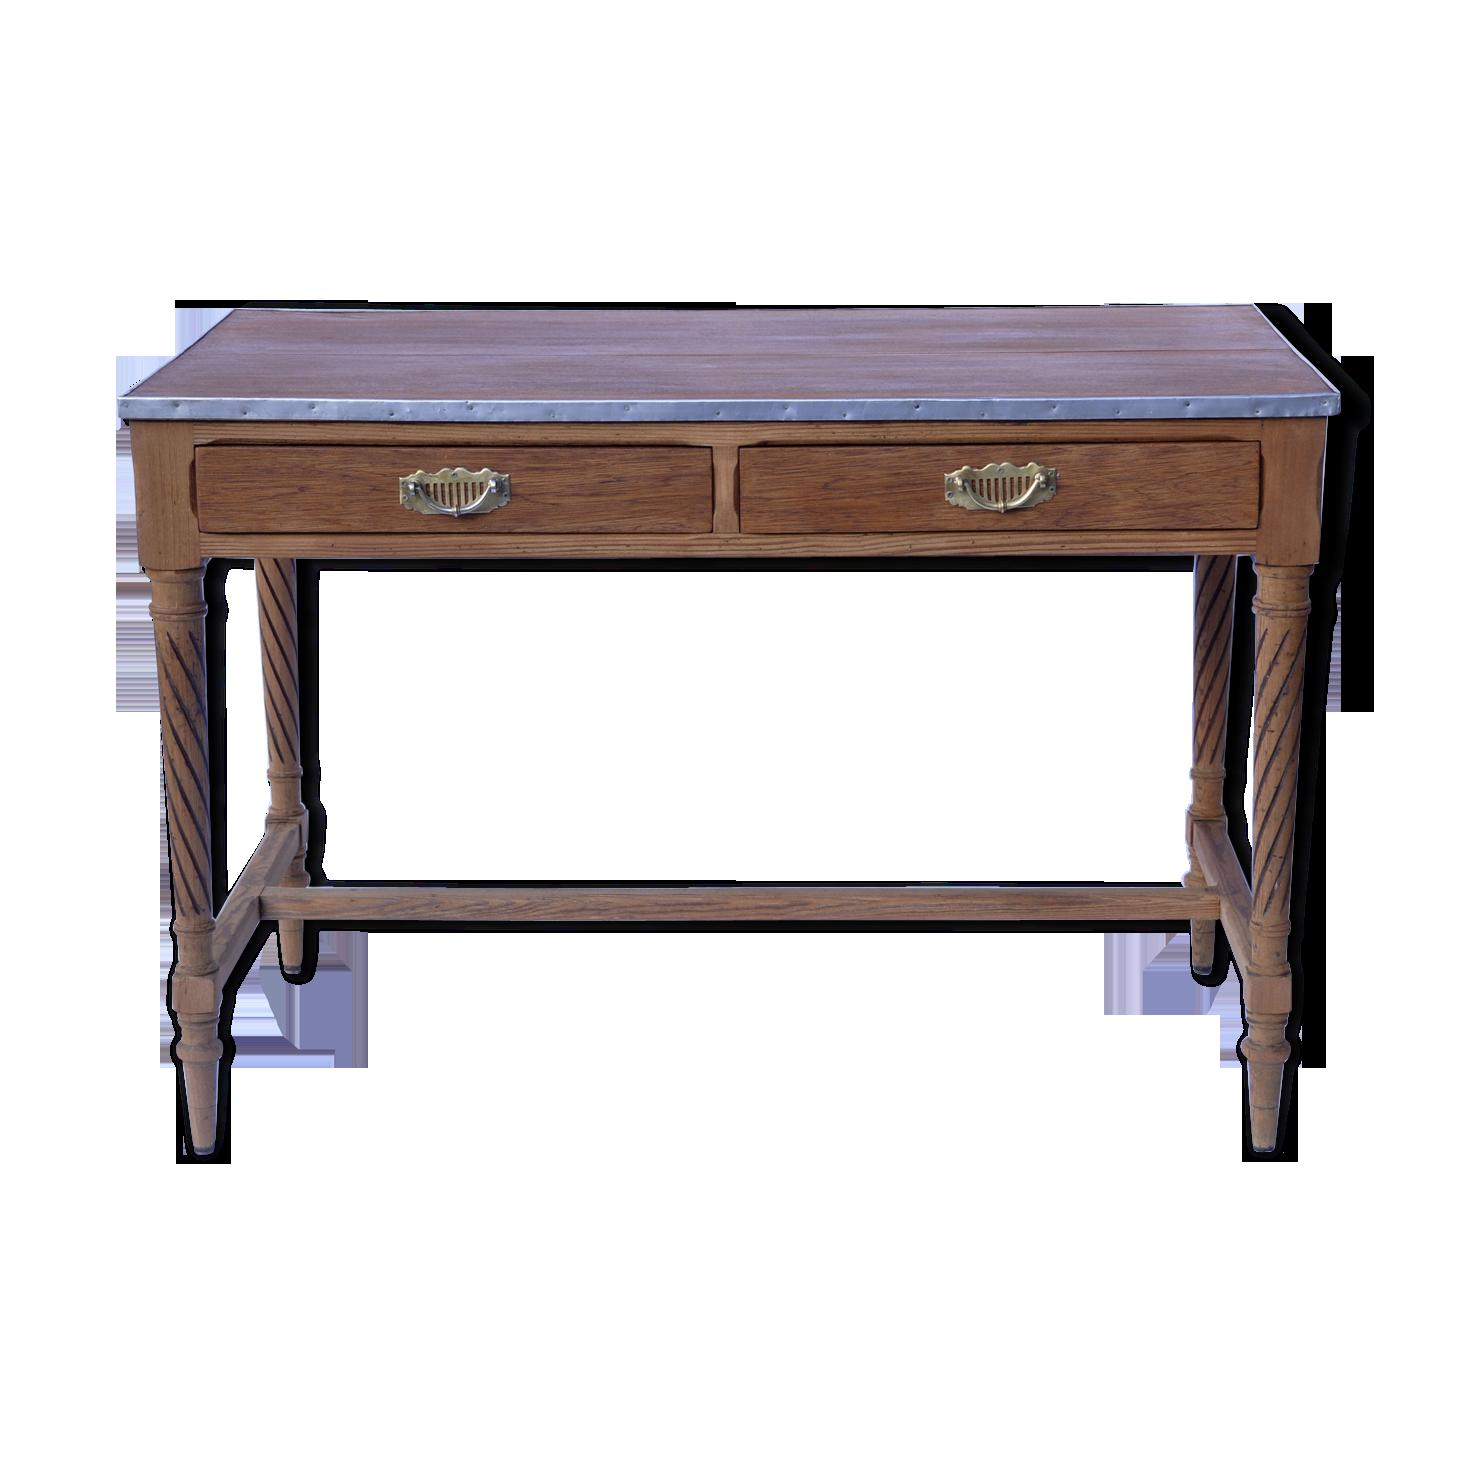 Bureau bois et zinc bois matériau bois couleur vintage